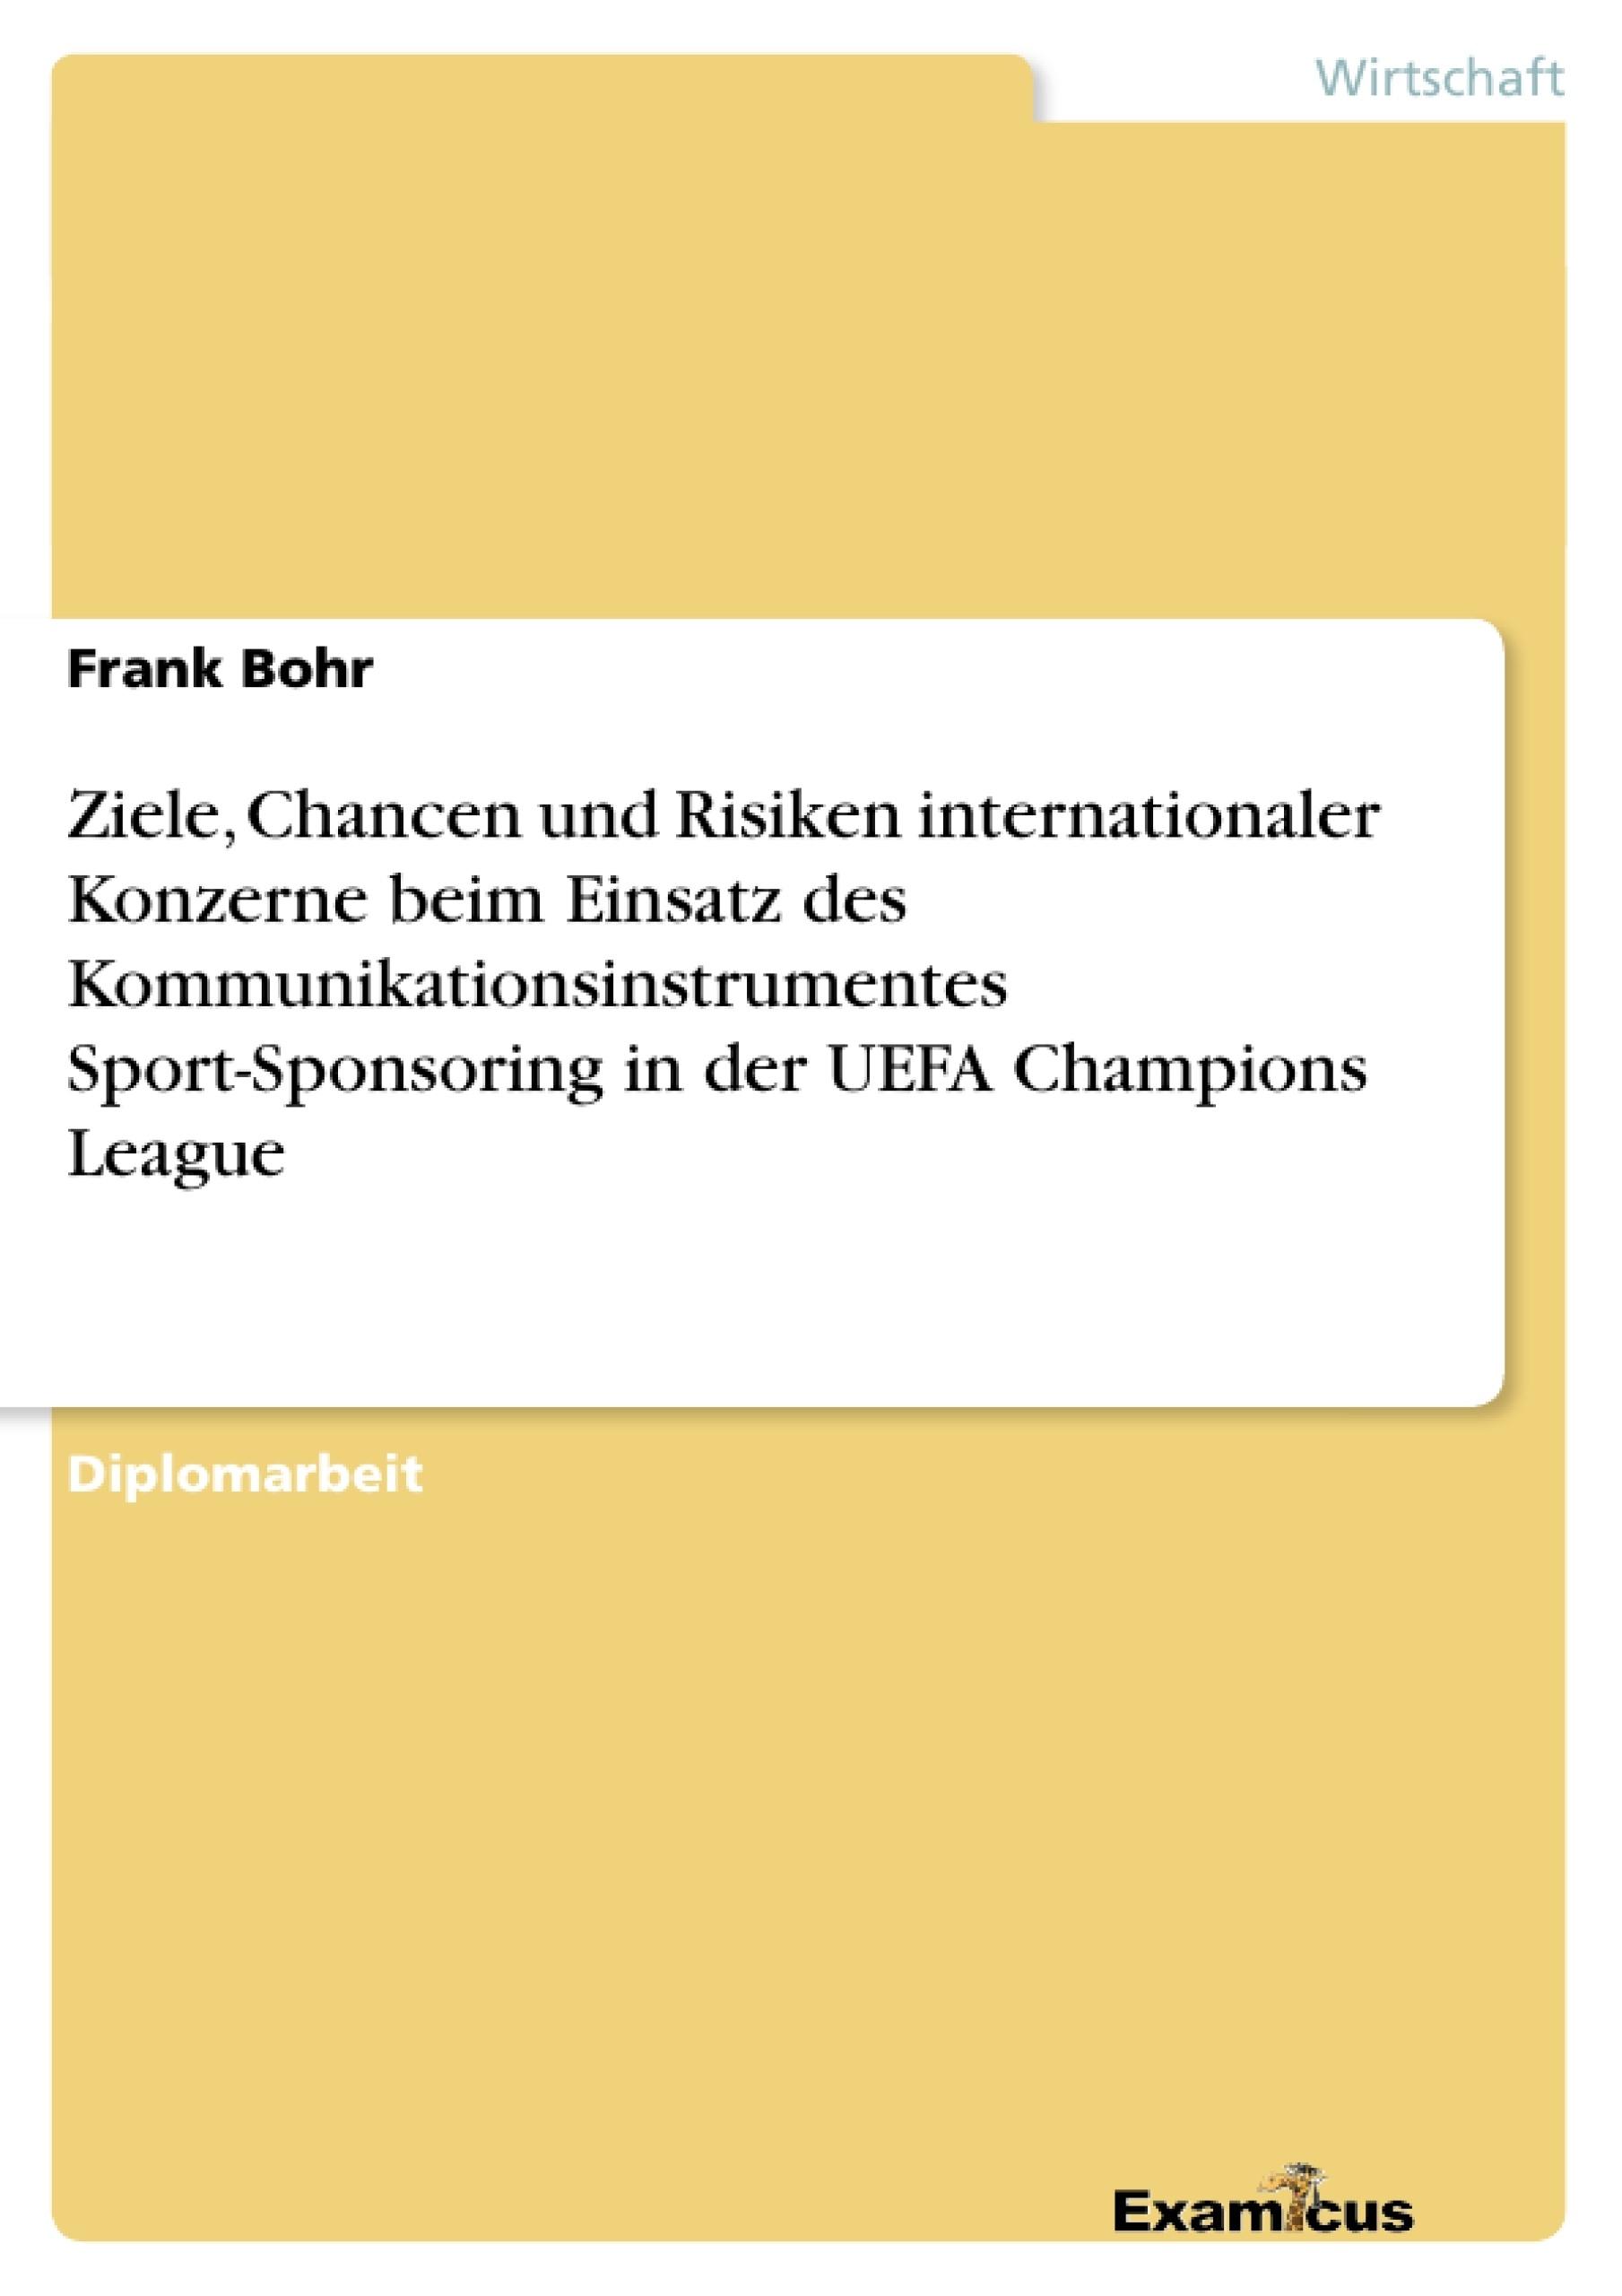 Titel: Ziele, Chancen und Risiken internationaler Konzerne beim Einsatz des Kommunikationsinstrumentes Sport-Sponsoring in der UEFA Champions League